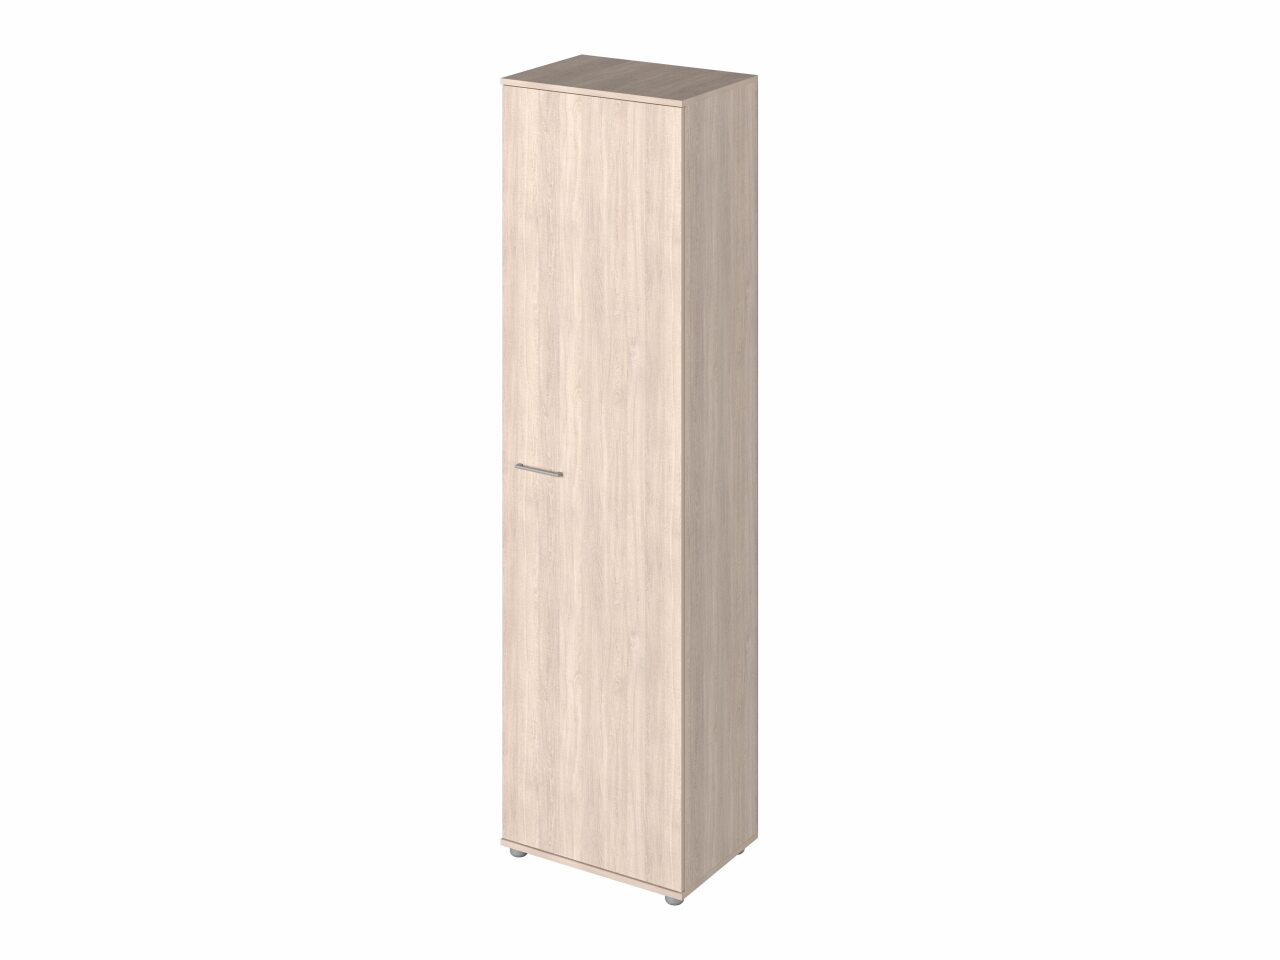 Шкаф для документов высокий узкий - фото 4